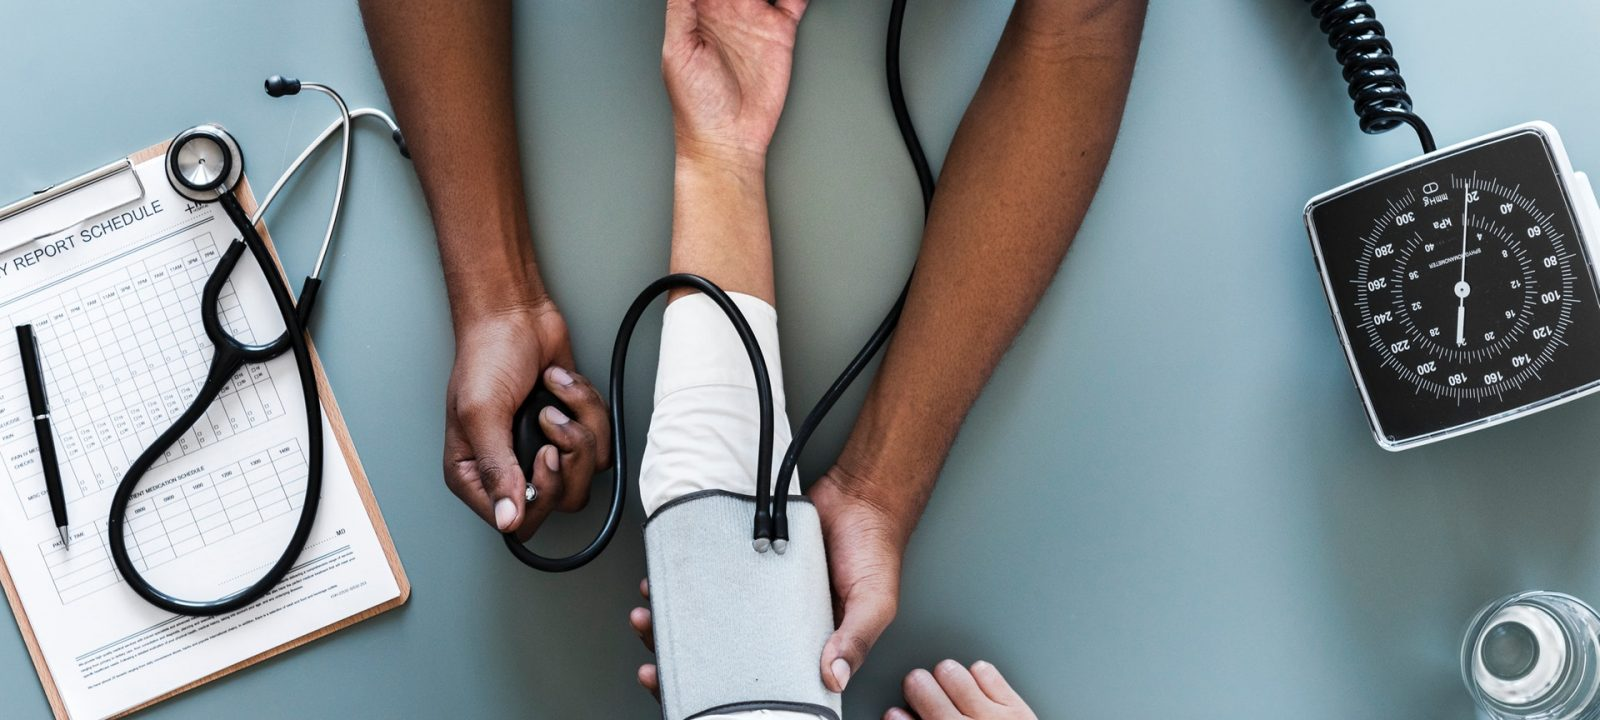 care-check-checkup-905874